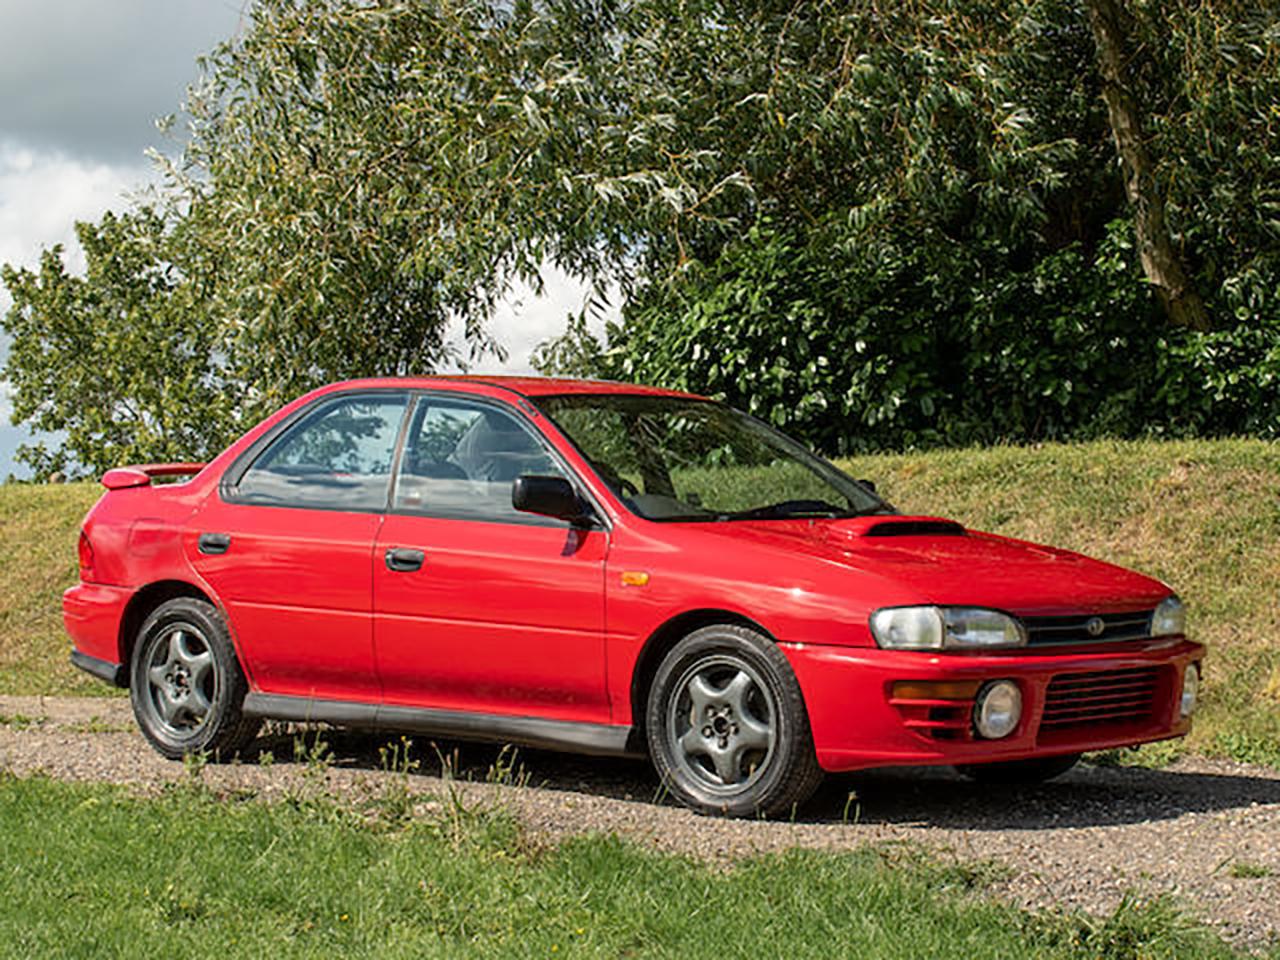 1996 Subaru Impreza UK2000 ex McRae Family